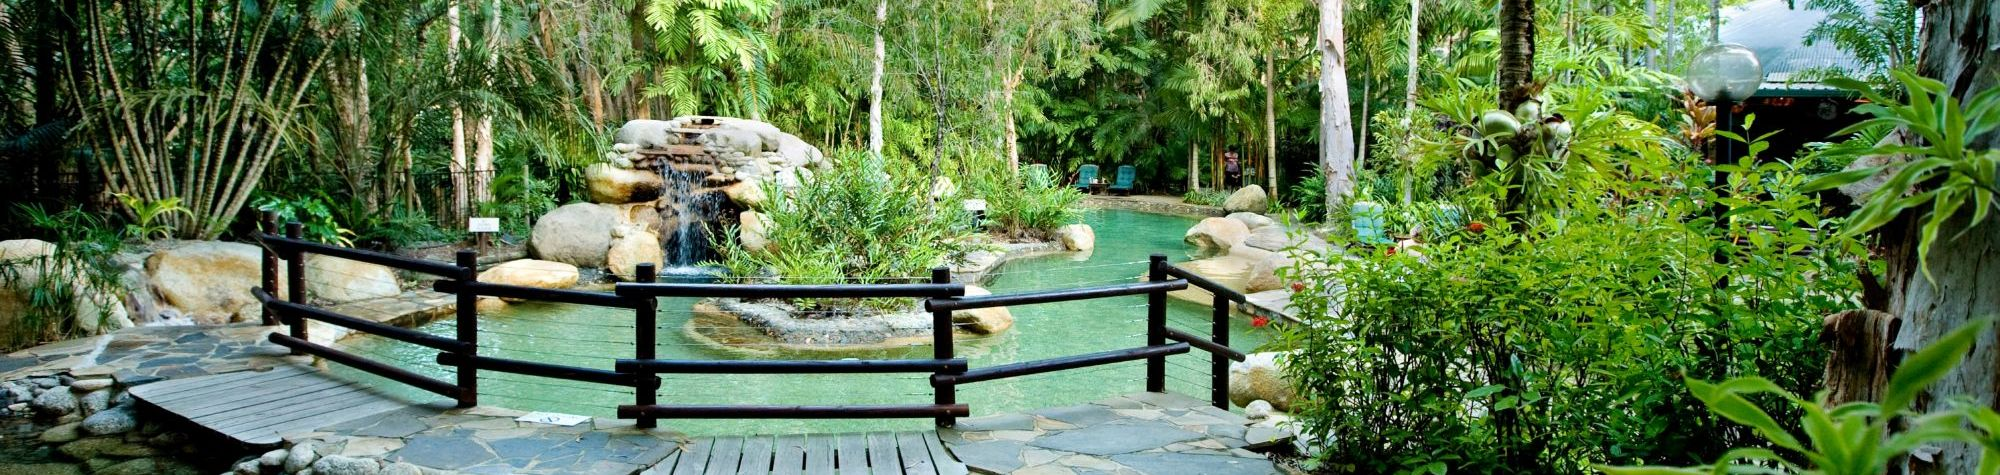 Kewarra Beach Resort Spa